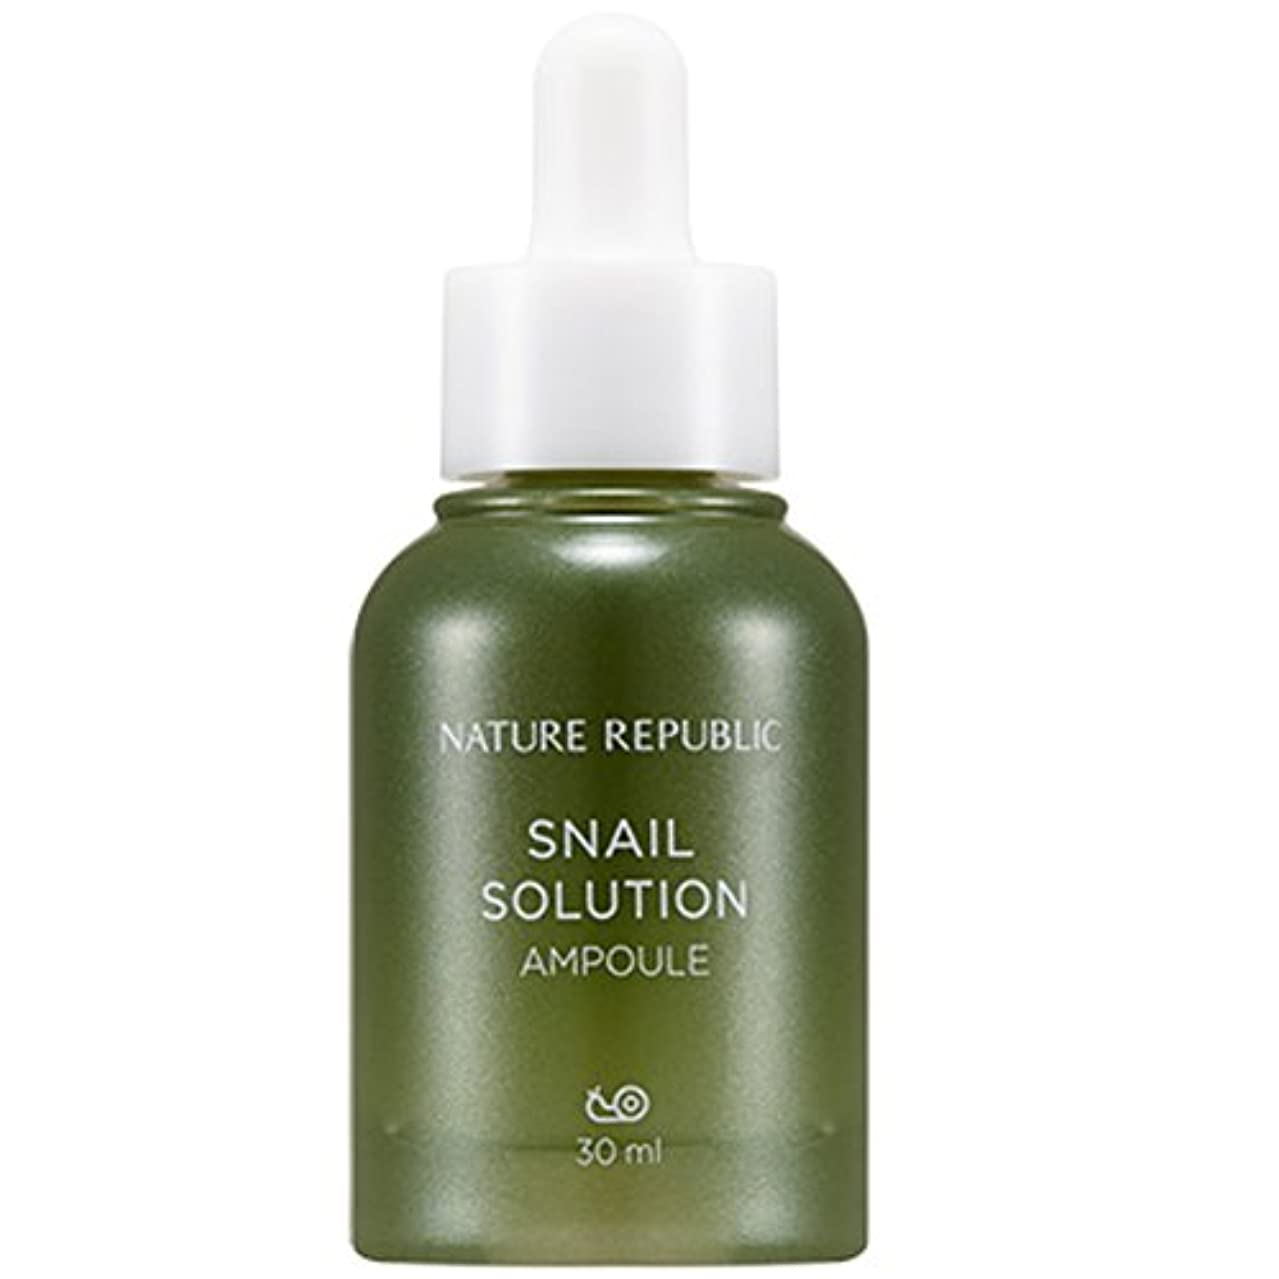 凝縮するしわ受取人NATURE REPUBLIC Snail Solution AMPOULE ネイチャーリパブリック ネイチャーリパブリックカタツムリソリューション アンプル